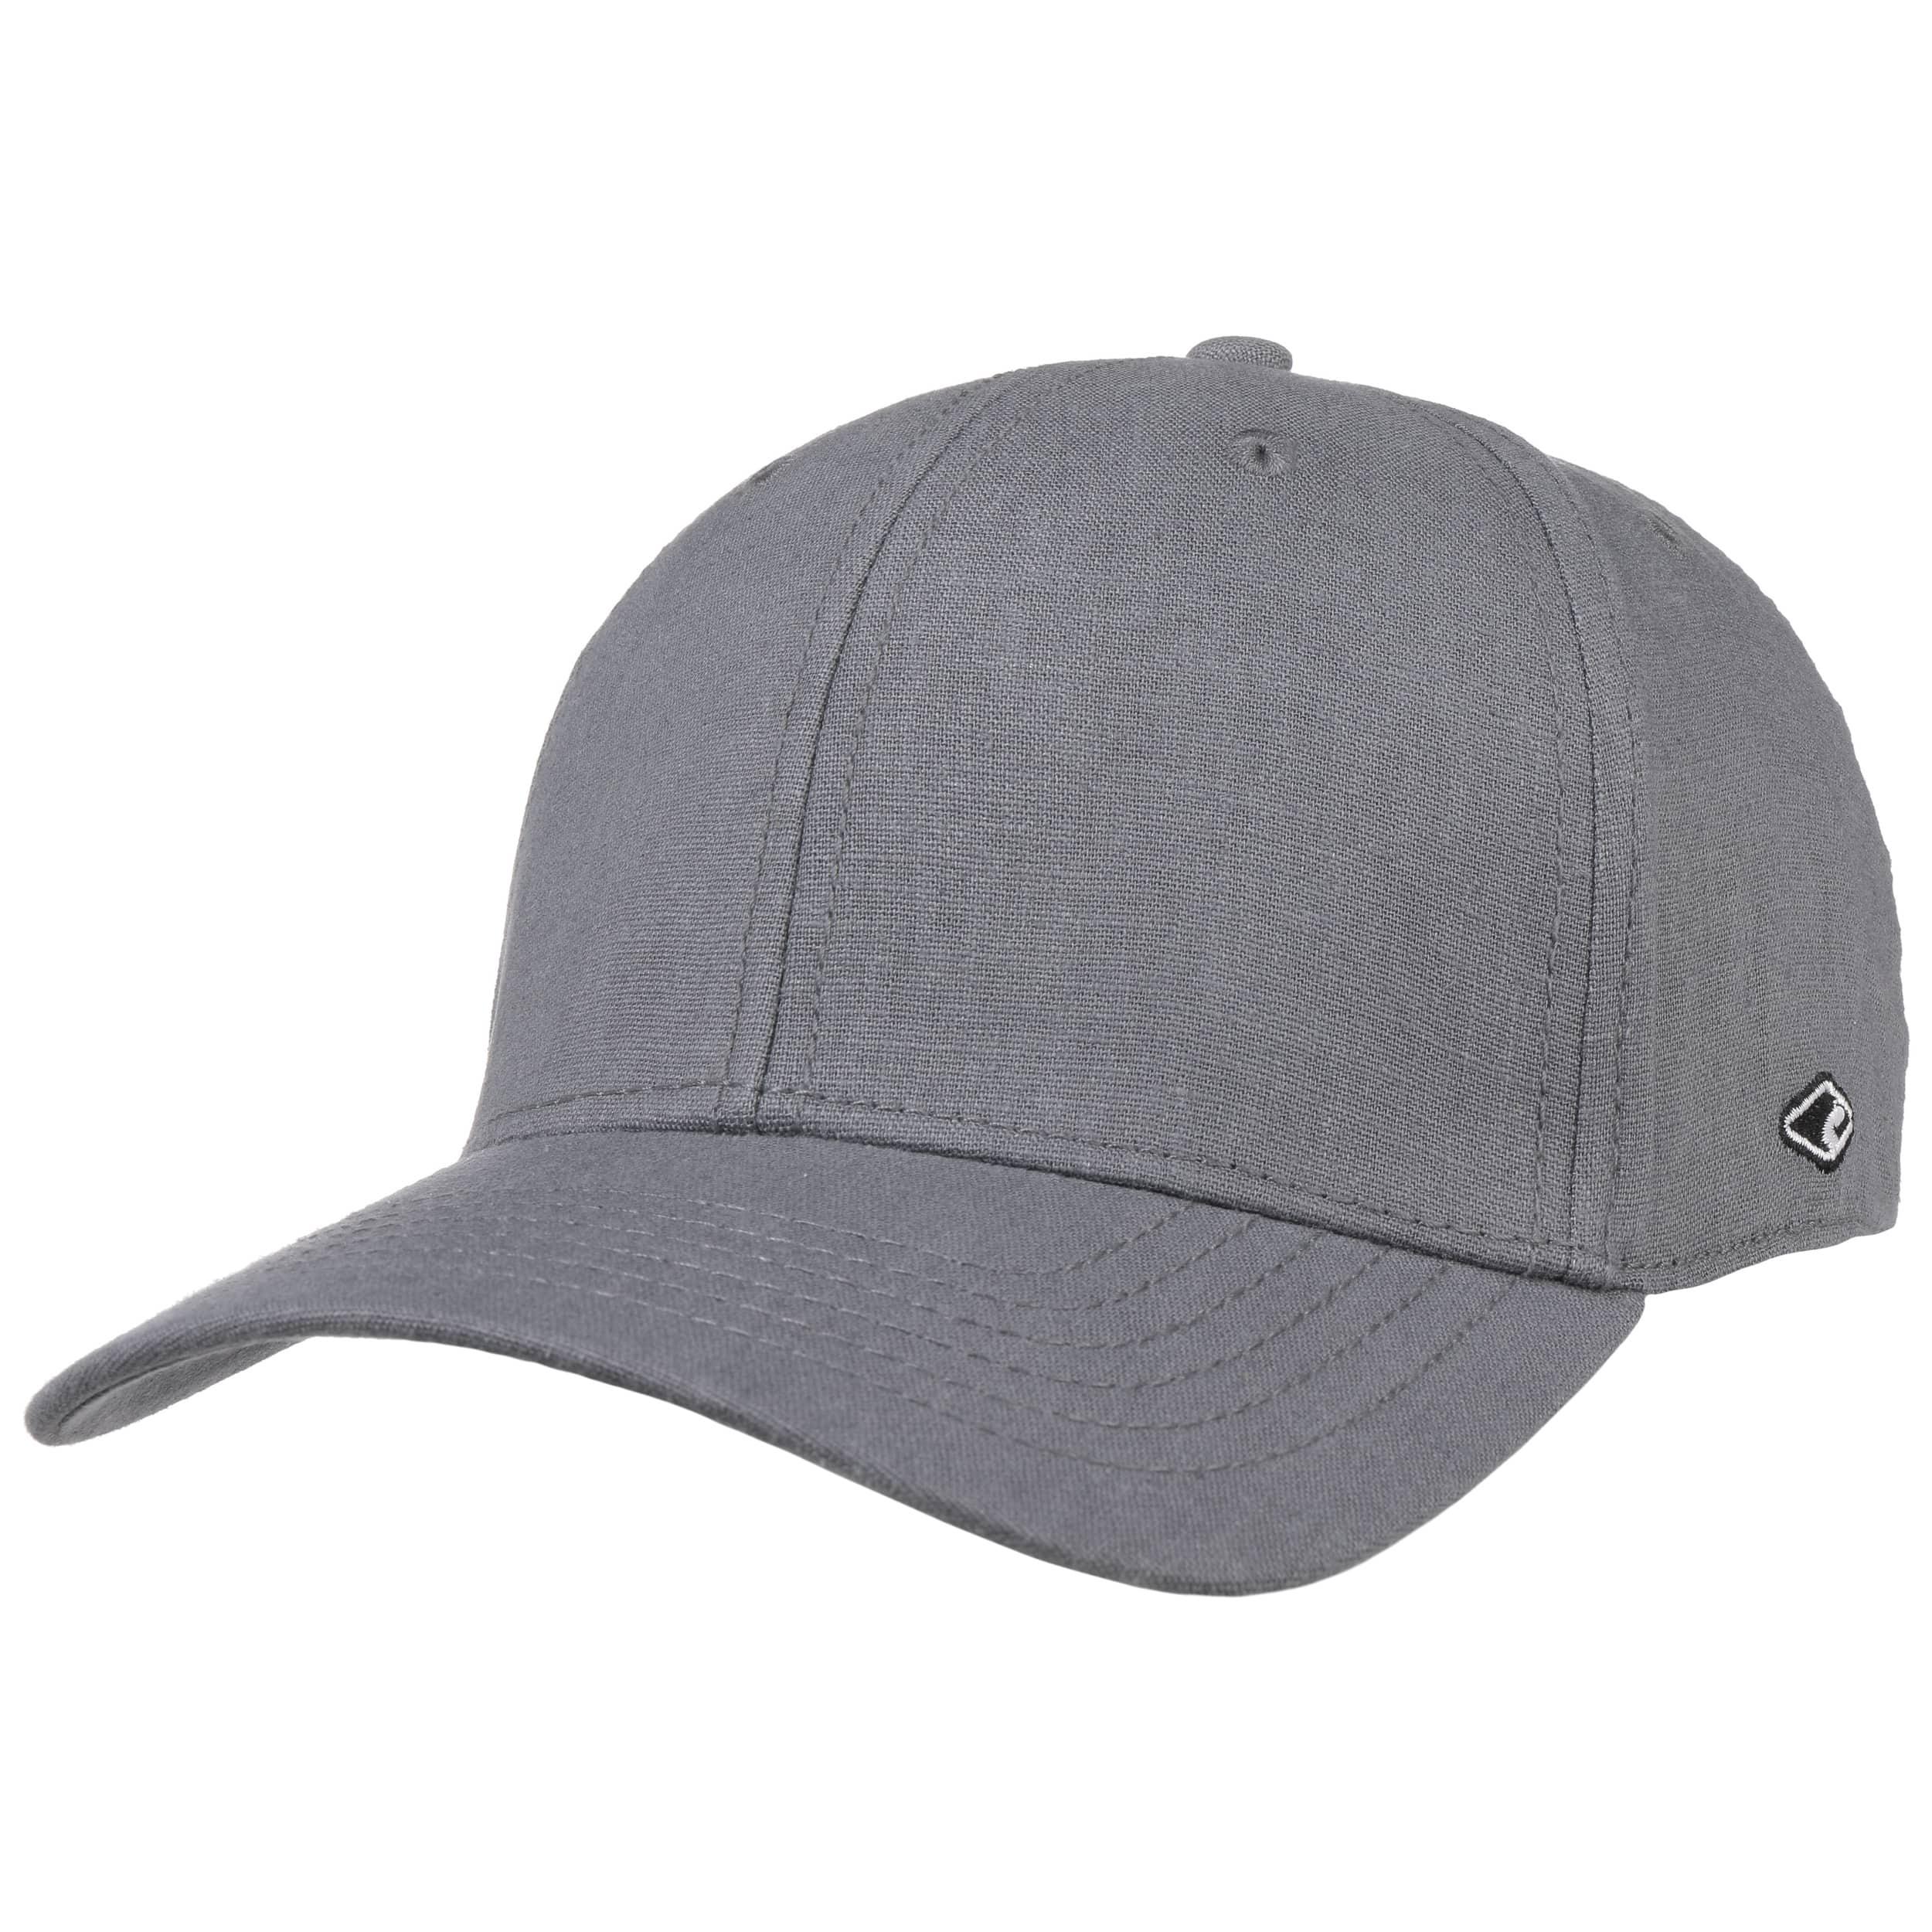 CHILLOUTS Sao Paolo Leinencap Basecap Baseballcap Sommerap Caps